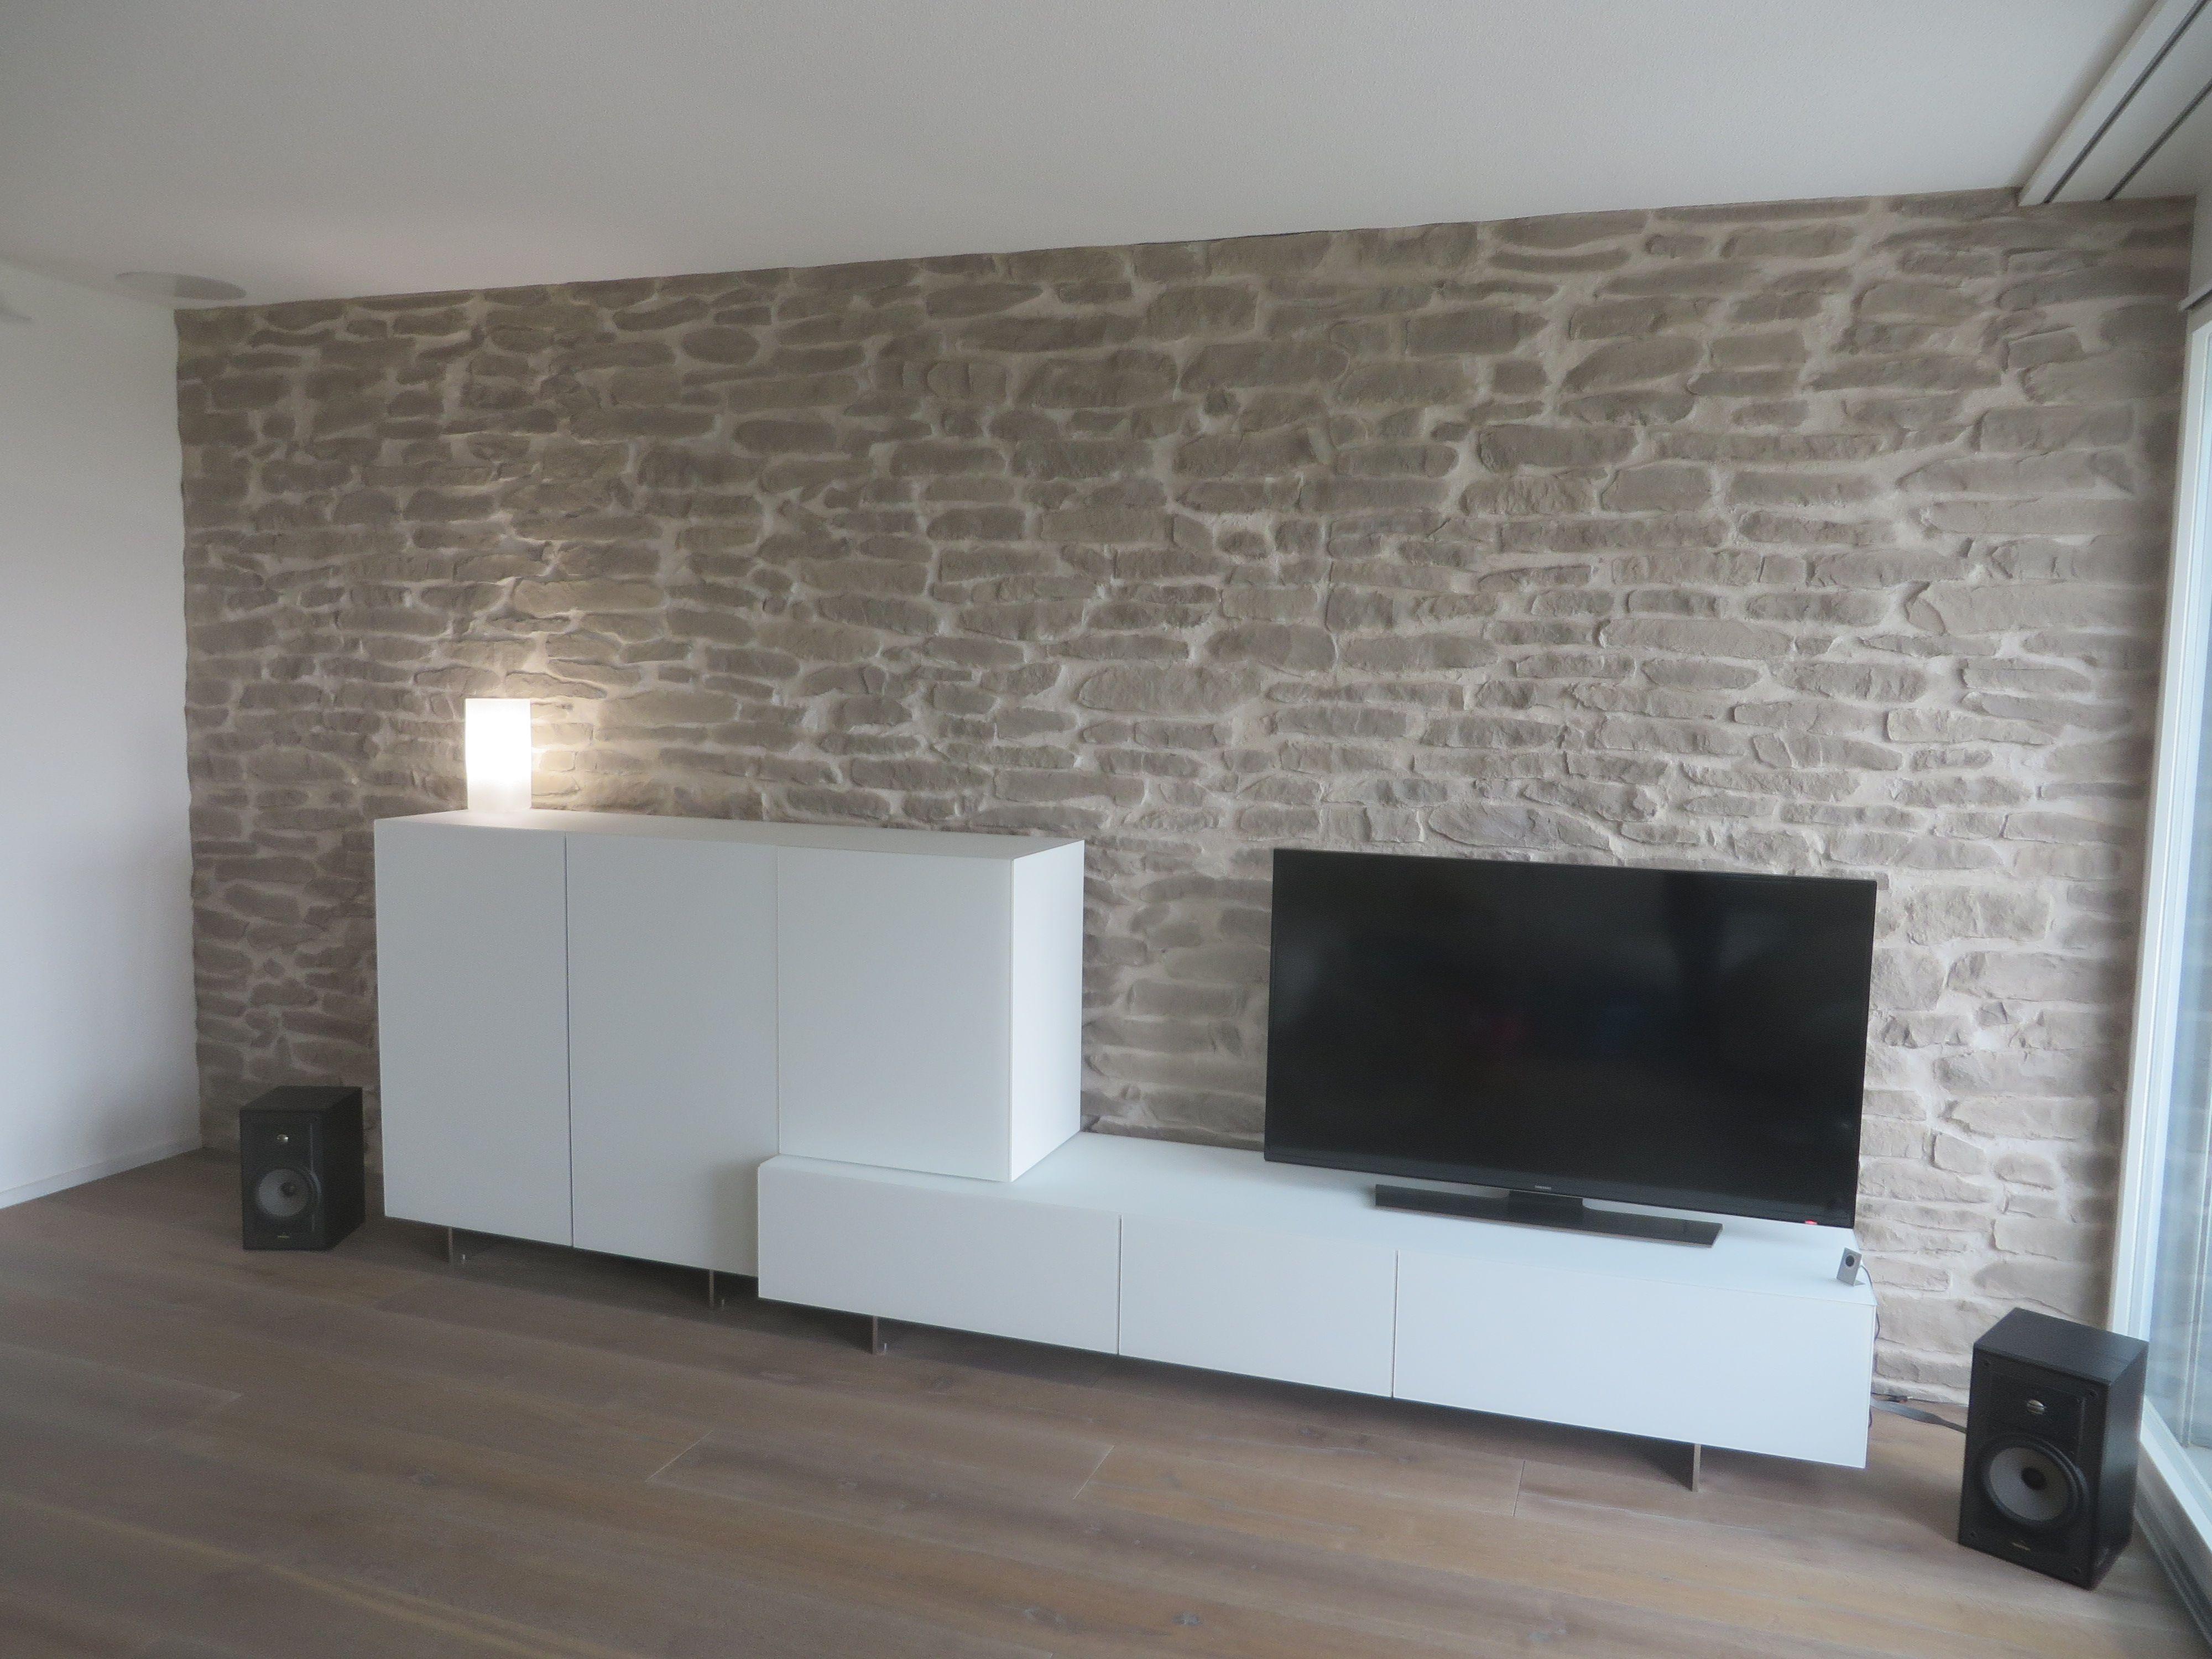 Wohnzimmerwand Steinoptik Lajas  Wohnzimmer  Wandgestaltung wohnzimmer Wandgestaltung